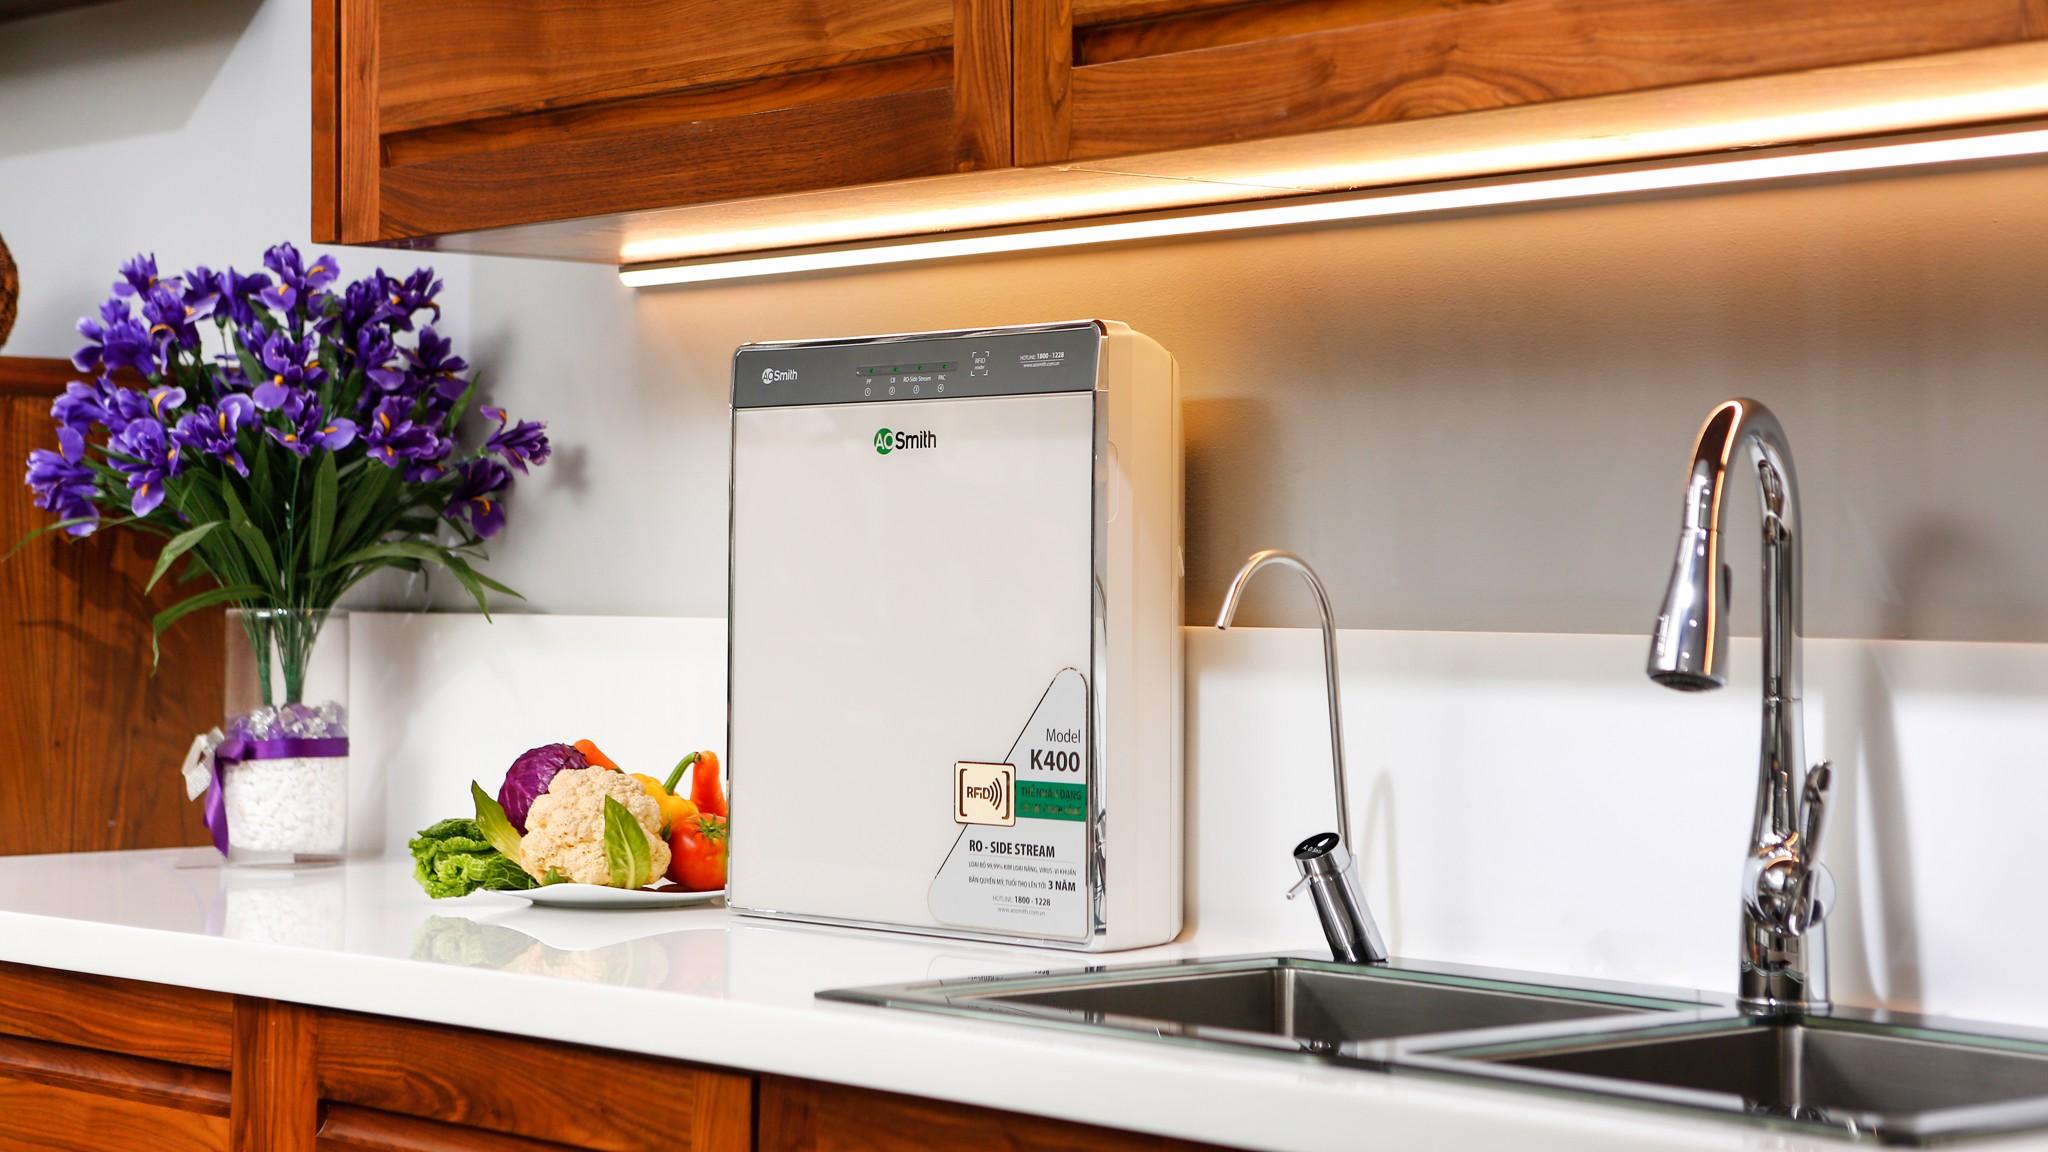 Sạch thôi chưa đủ: Xu hướng lựa chọn máy lọc nước của người tiêu dùng đã thay đổi